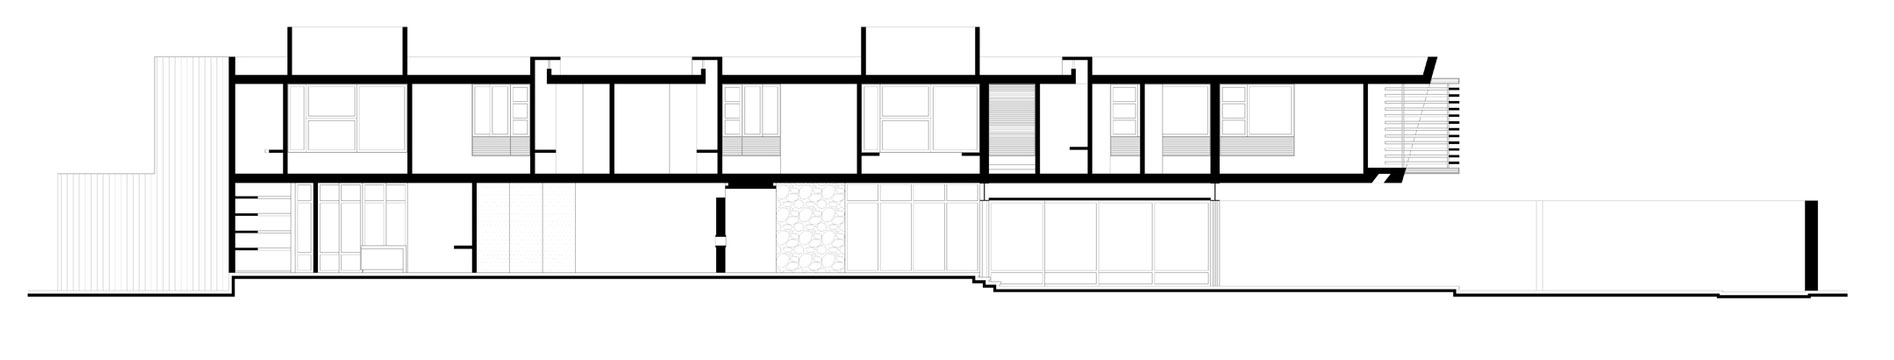 Temozon-House-24